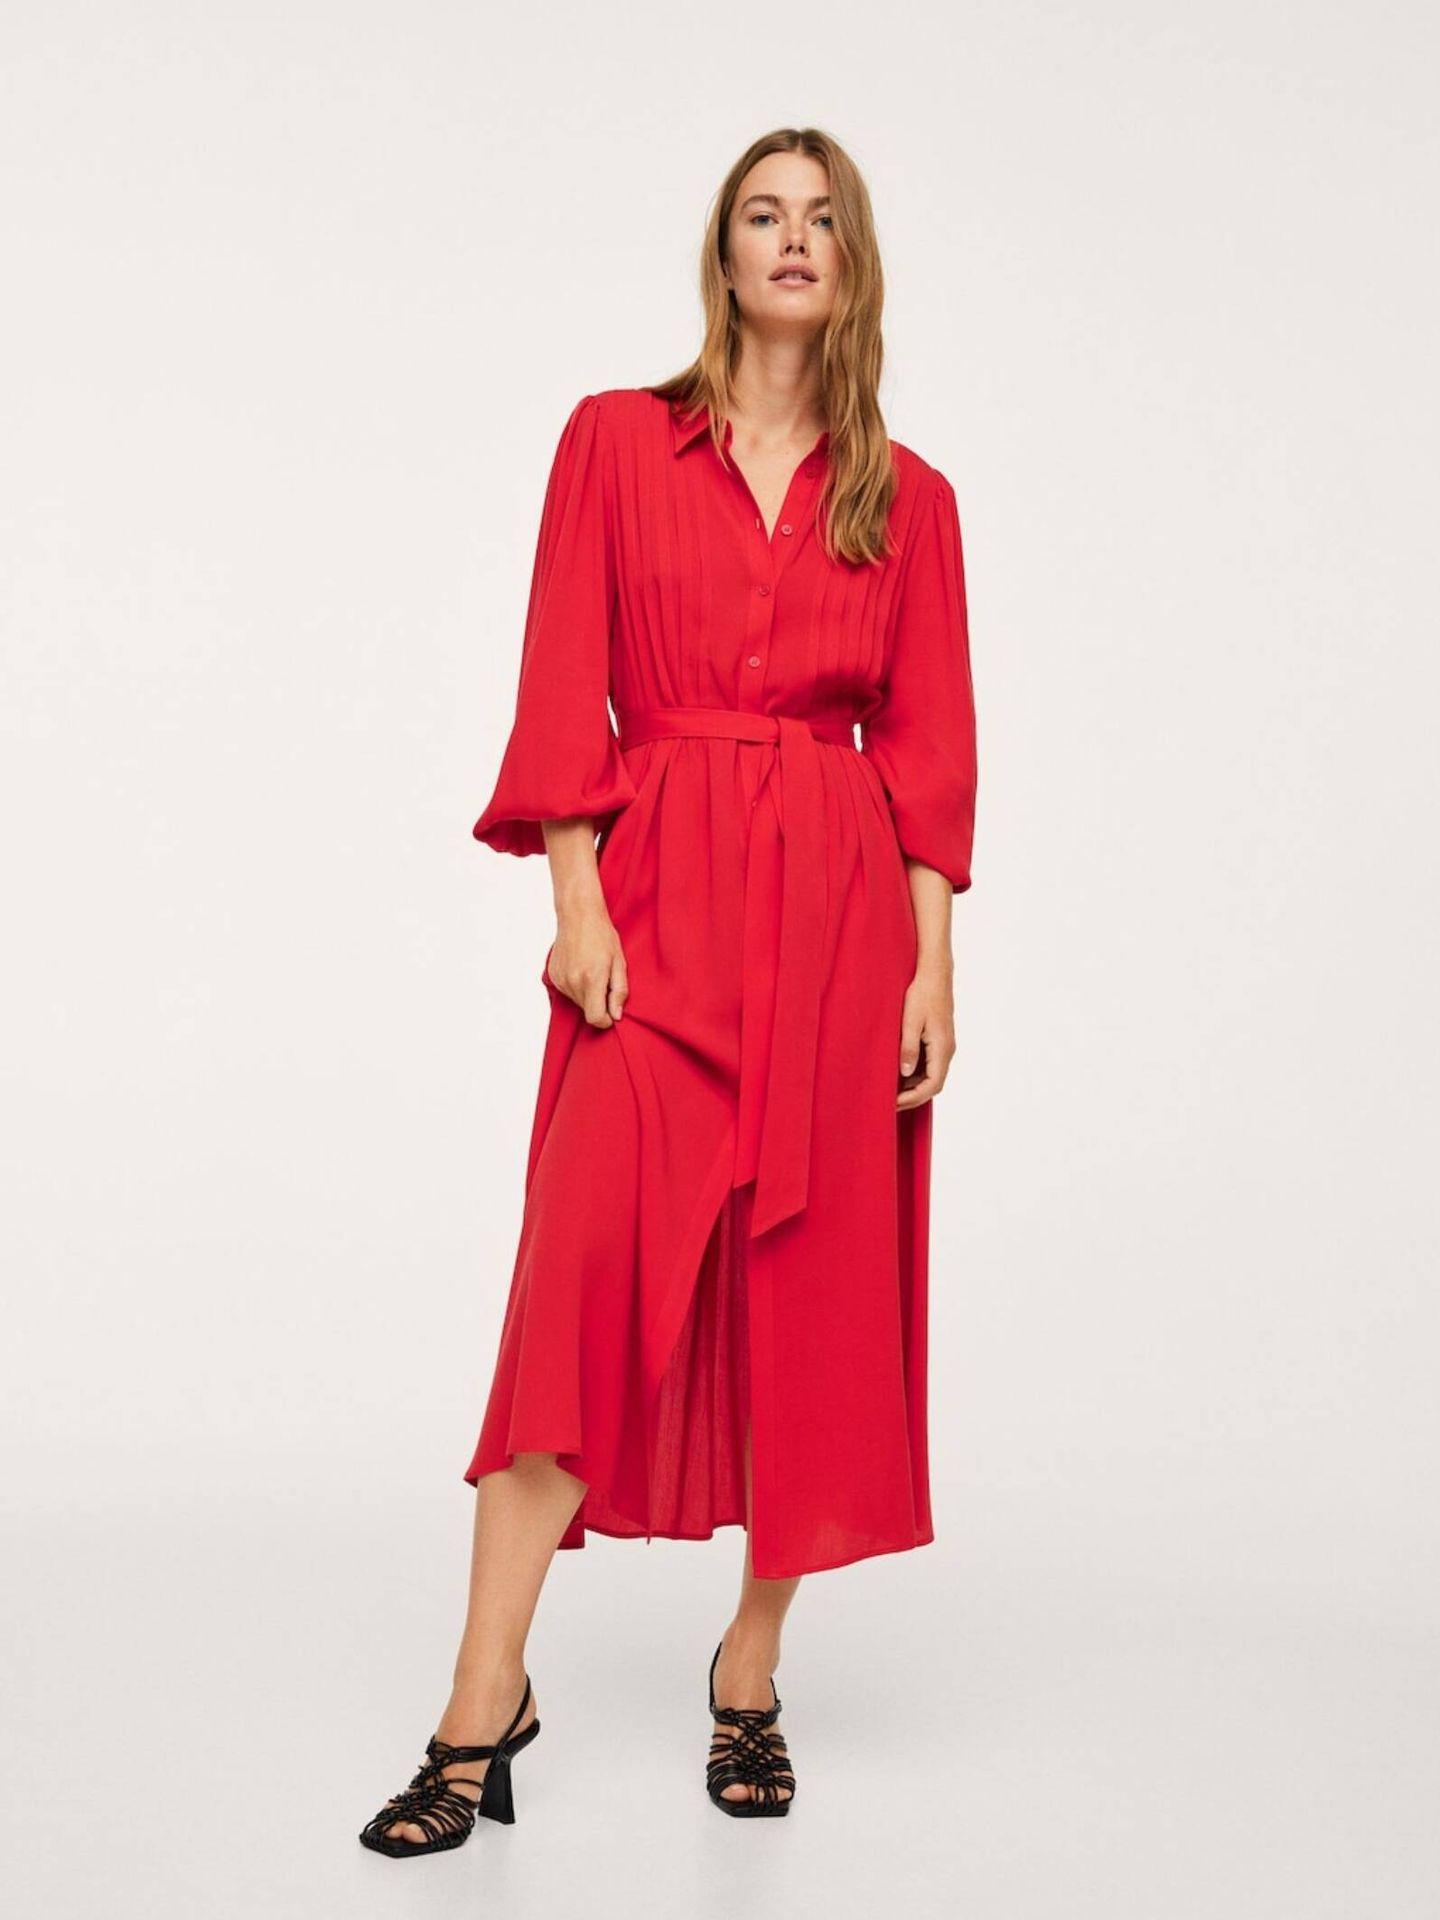 Vestido camisero en color rojo de Mango. (Cortesía)